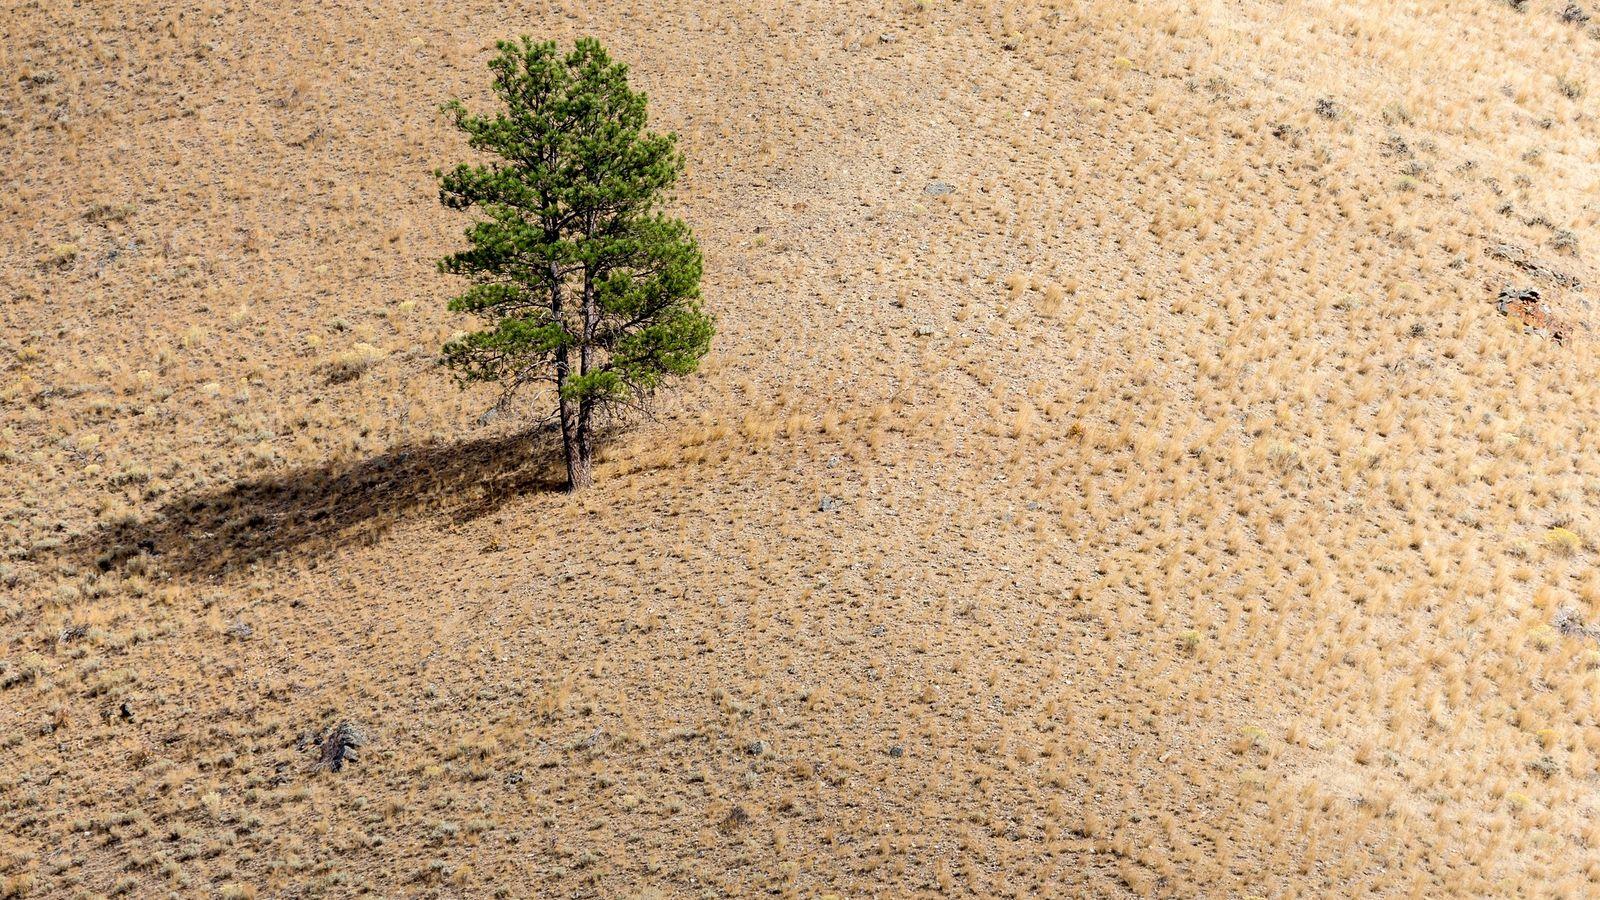 Einzelner Baum auf einem Hügel, später Nachmittag.